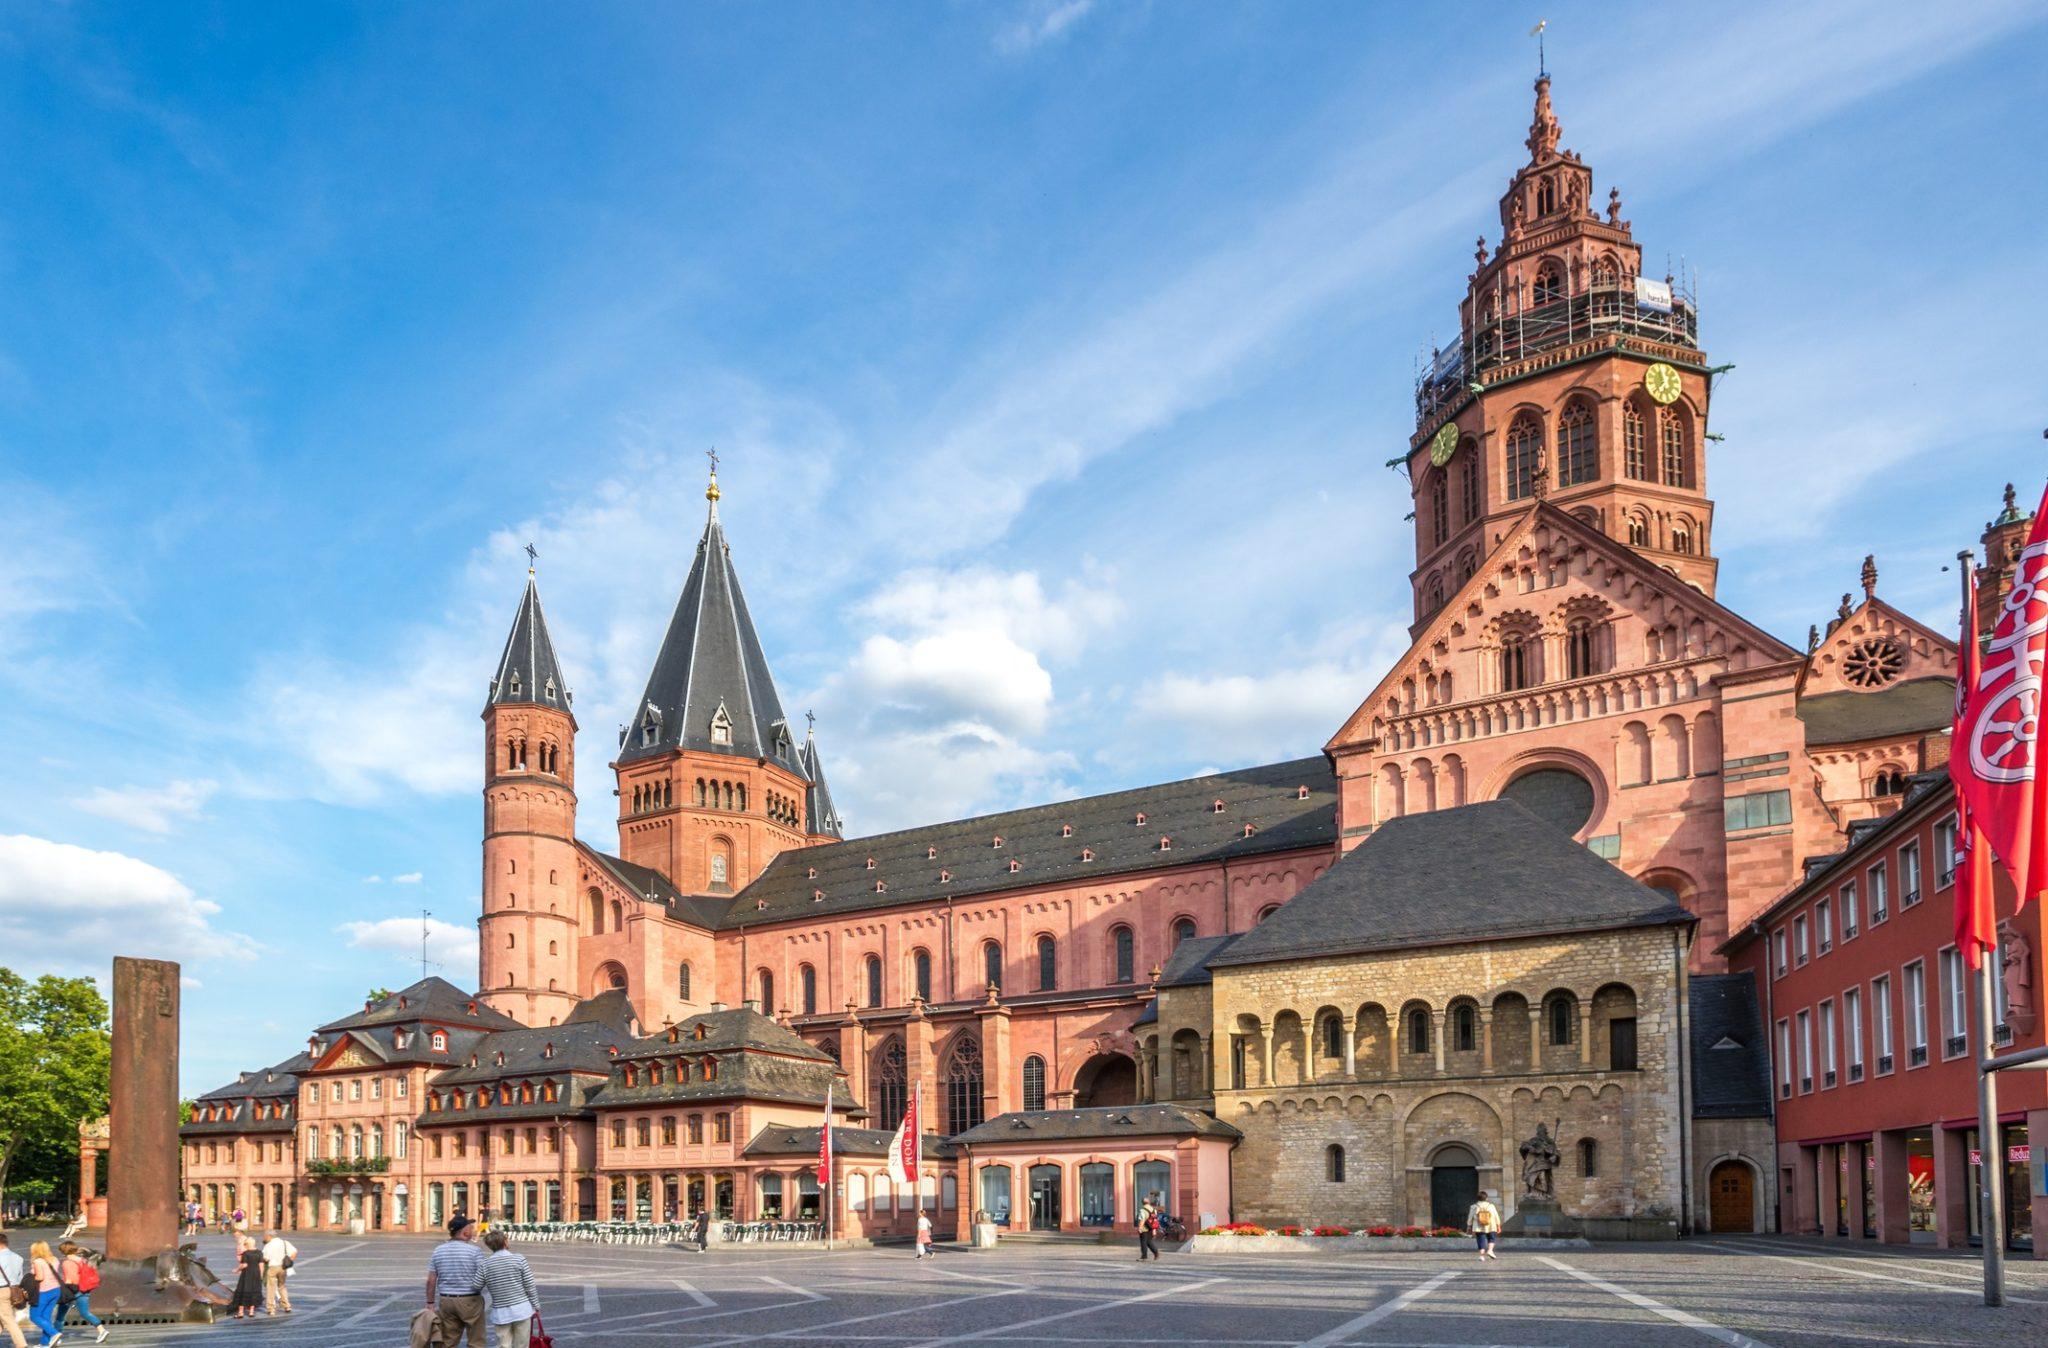 Haushaltsauflösung und Entrümpelung in Mainz